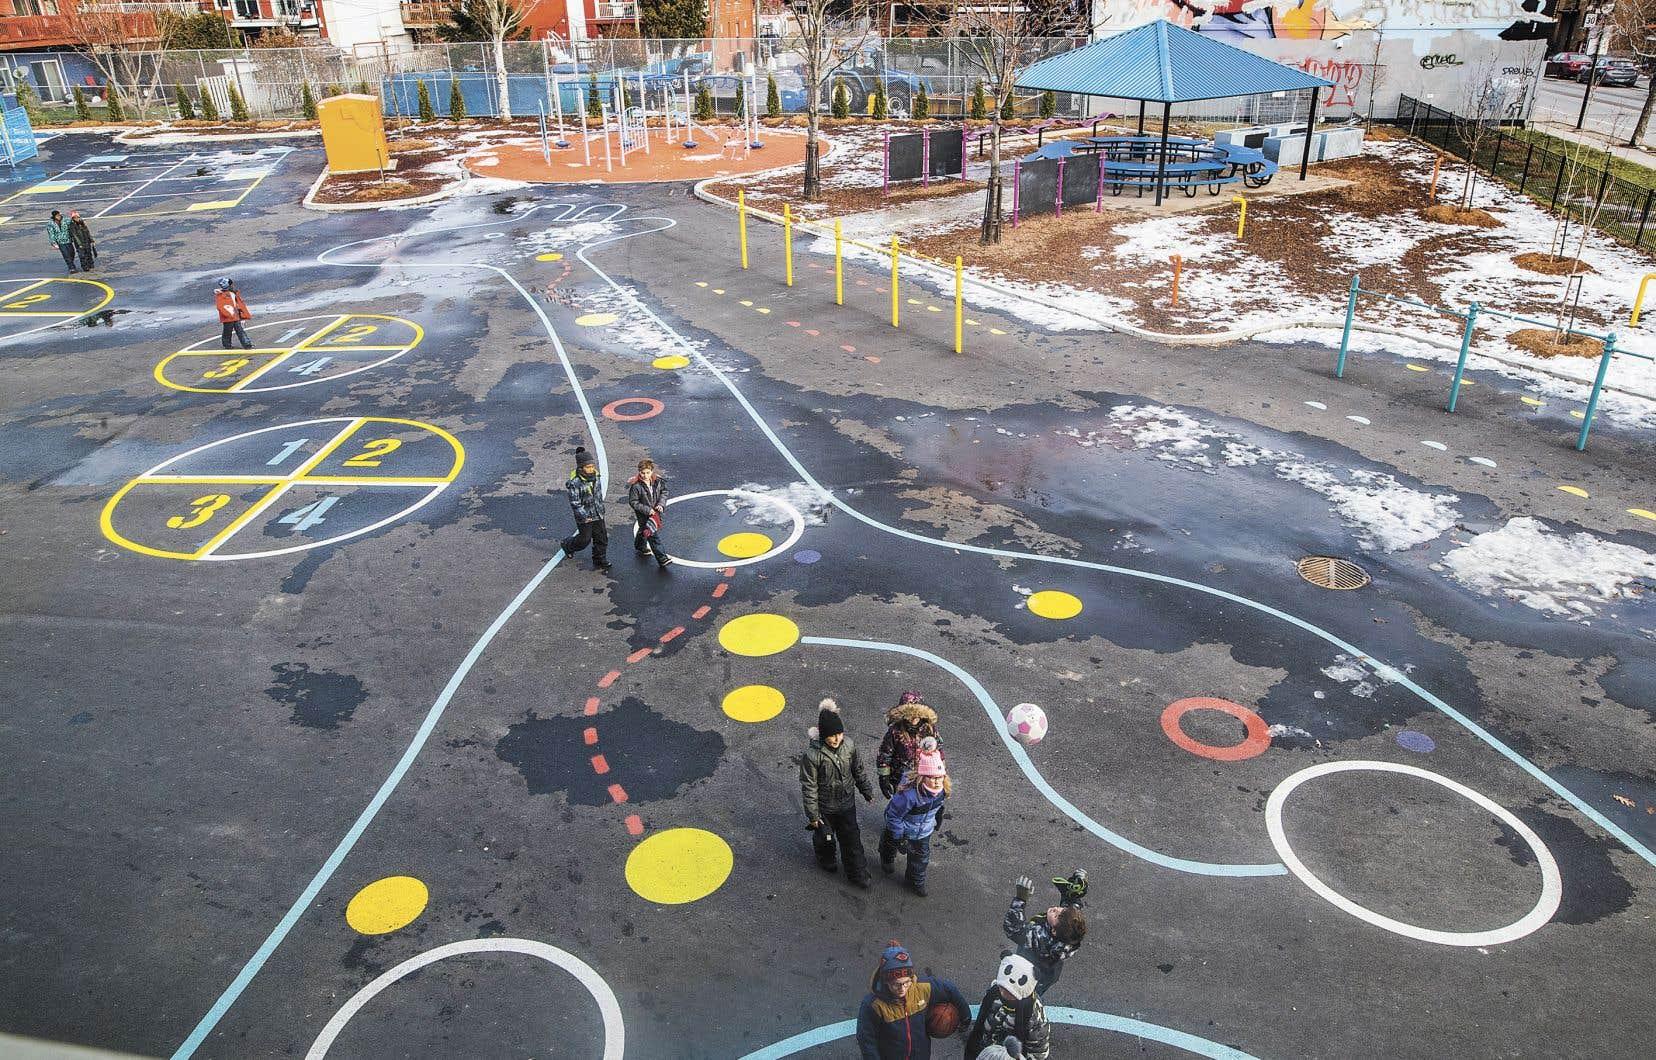 À l'ombre de l'échangeur Turcot, la nouvelle cour de l'école primaire Marie-de-l'Incarnation resplendit avec ses aires de jeux colorées et son module de jeux flambant neuf.